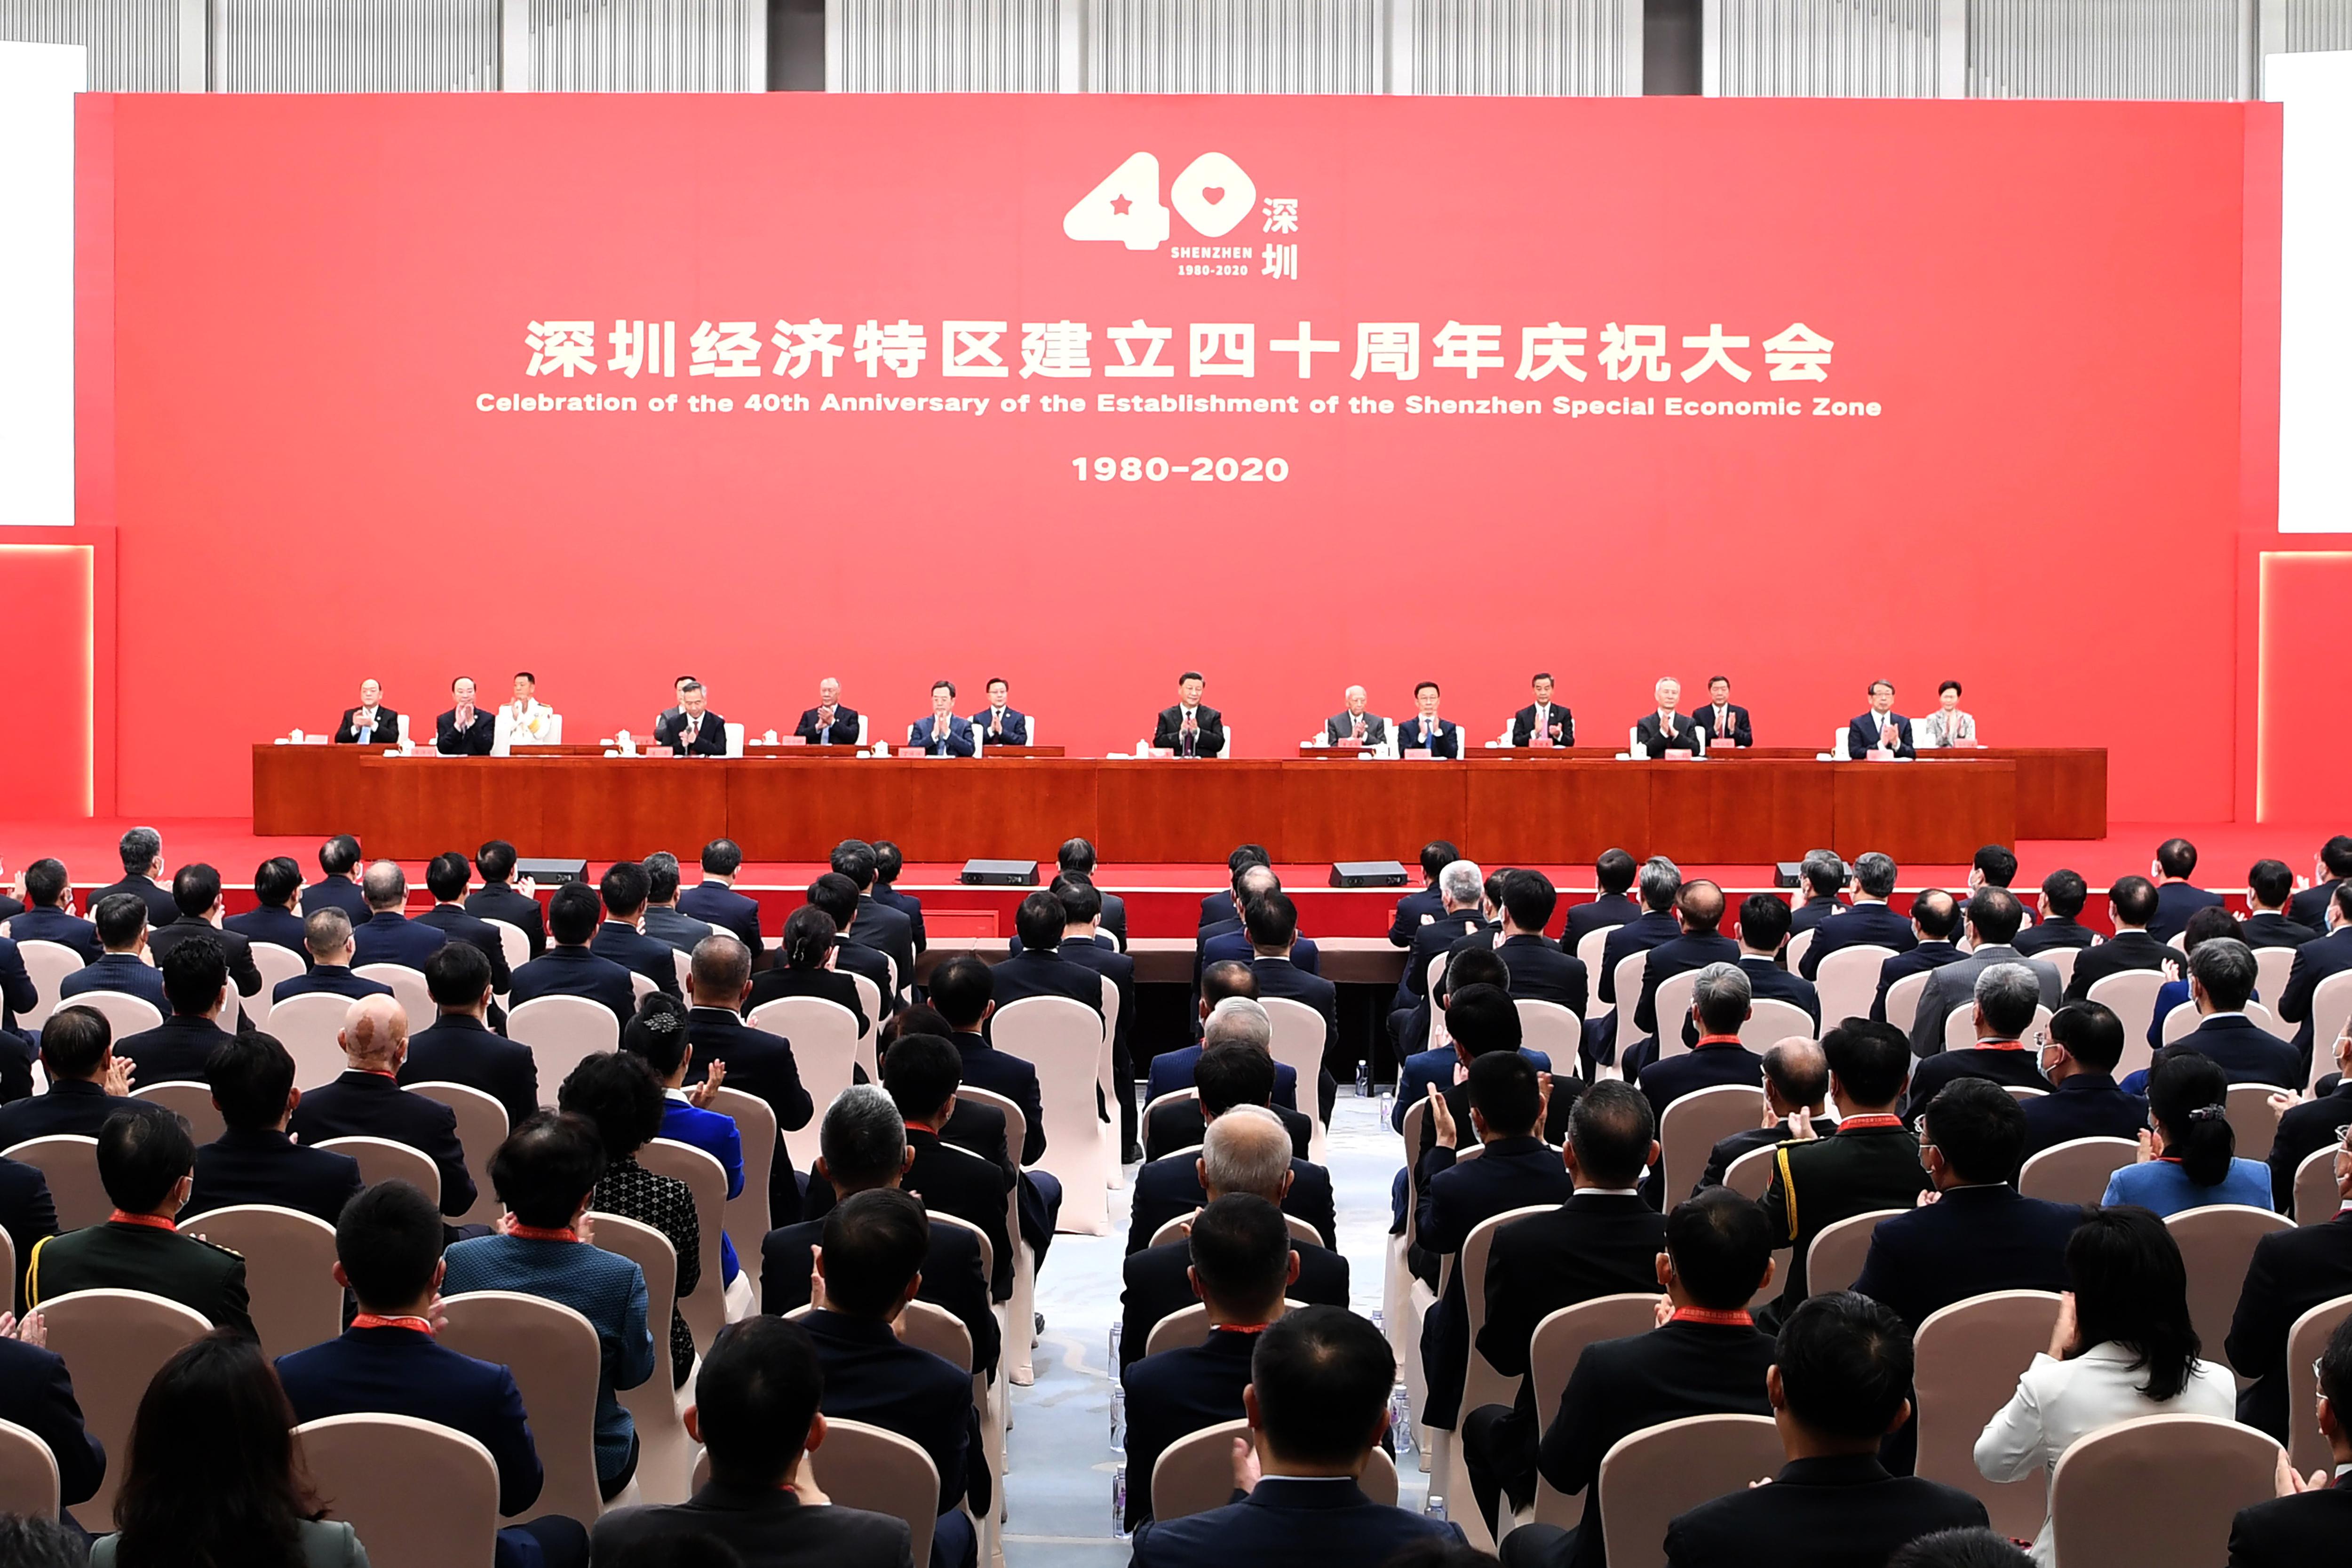 10月14日,深圳經濟特區建立40周年慶祝大會在廣東省深圳市隆重舉行。中共中央總書記、國家主席、中央軍委主席習近平在會上發表重要講話。這是習近平等親切會見參加慶祝大會的部分代表並同大家合影留念。 新華社